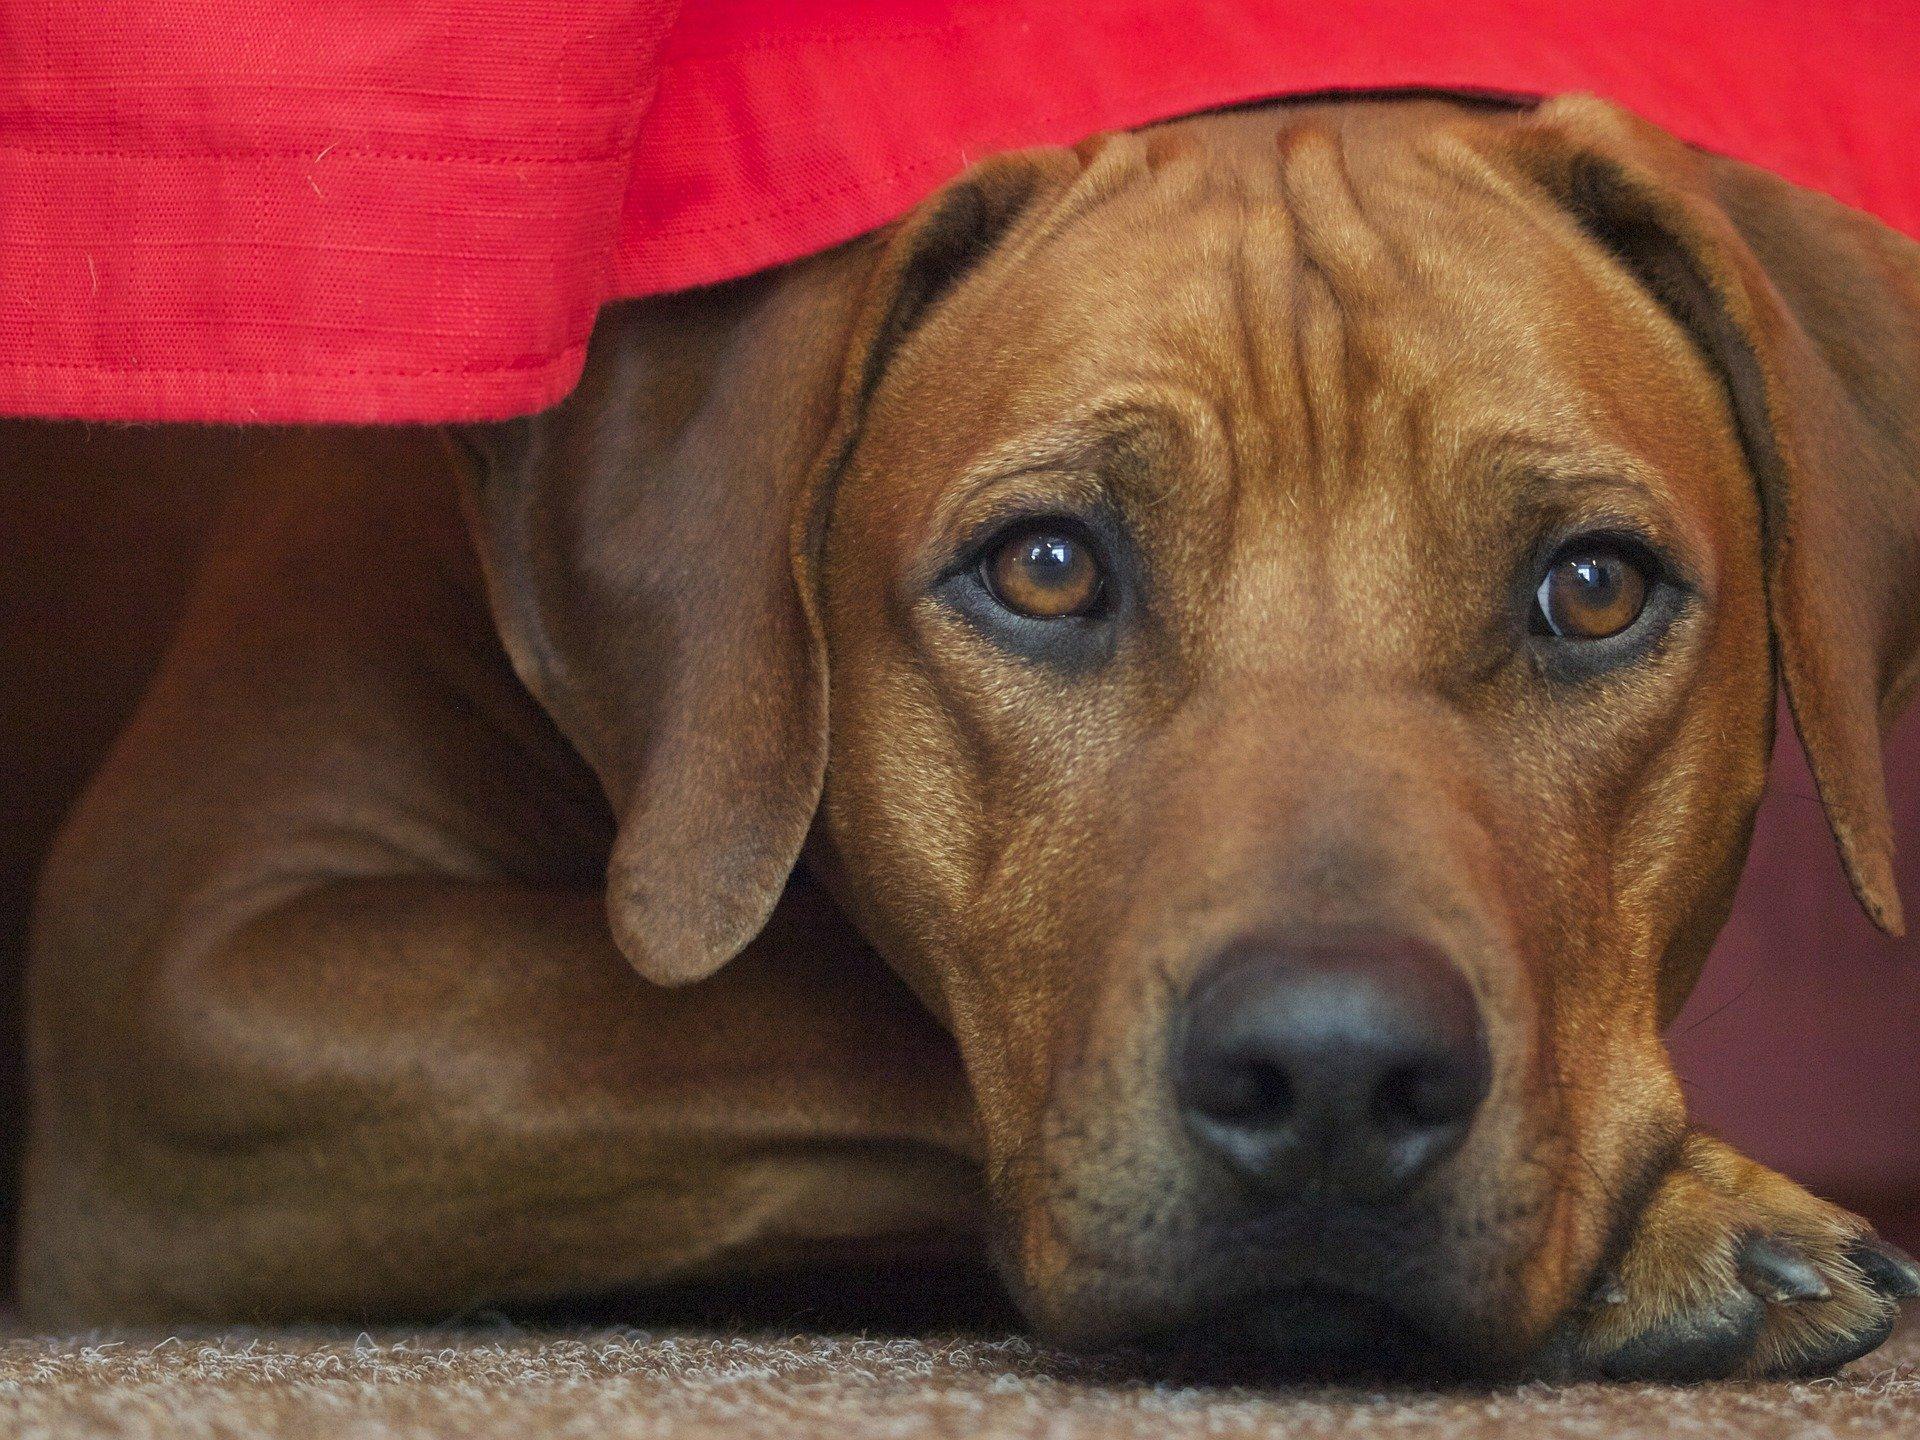 Razze cani: Rhodesian Ridgeback carattere e prezzo